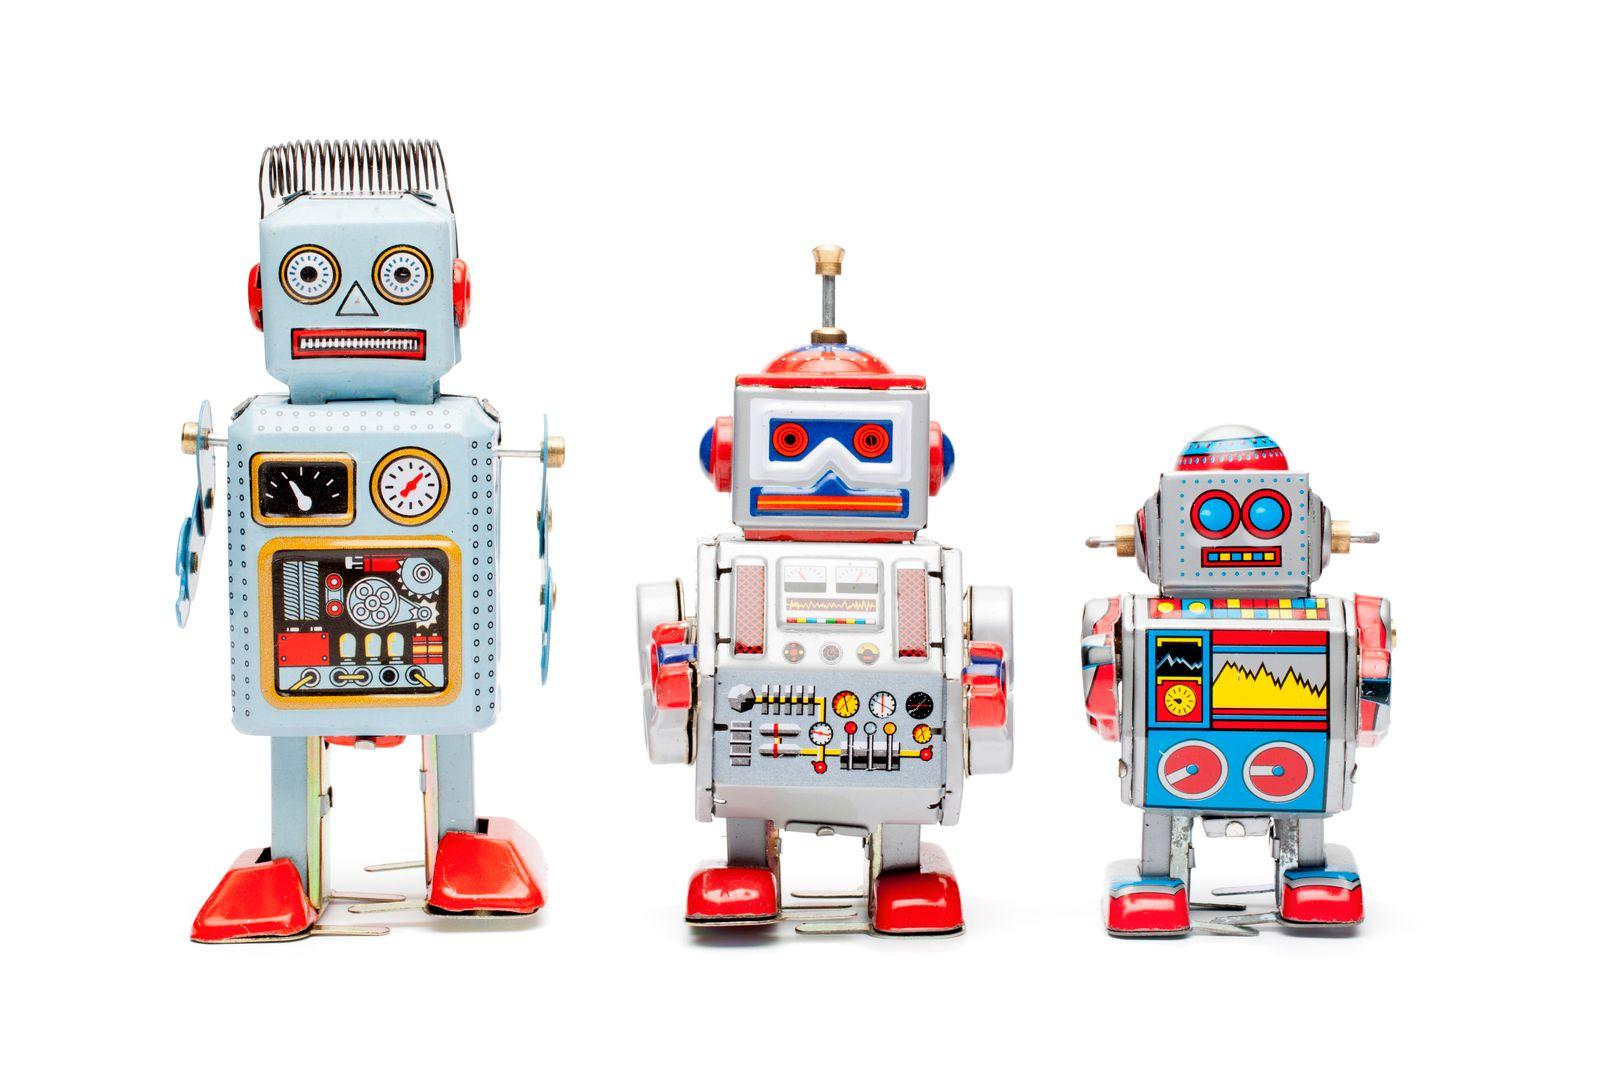 Retro tin toy robots